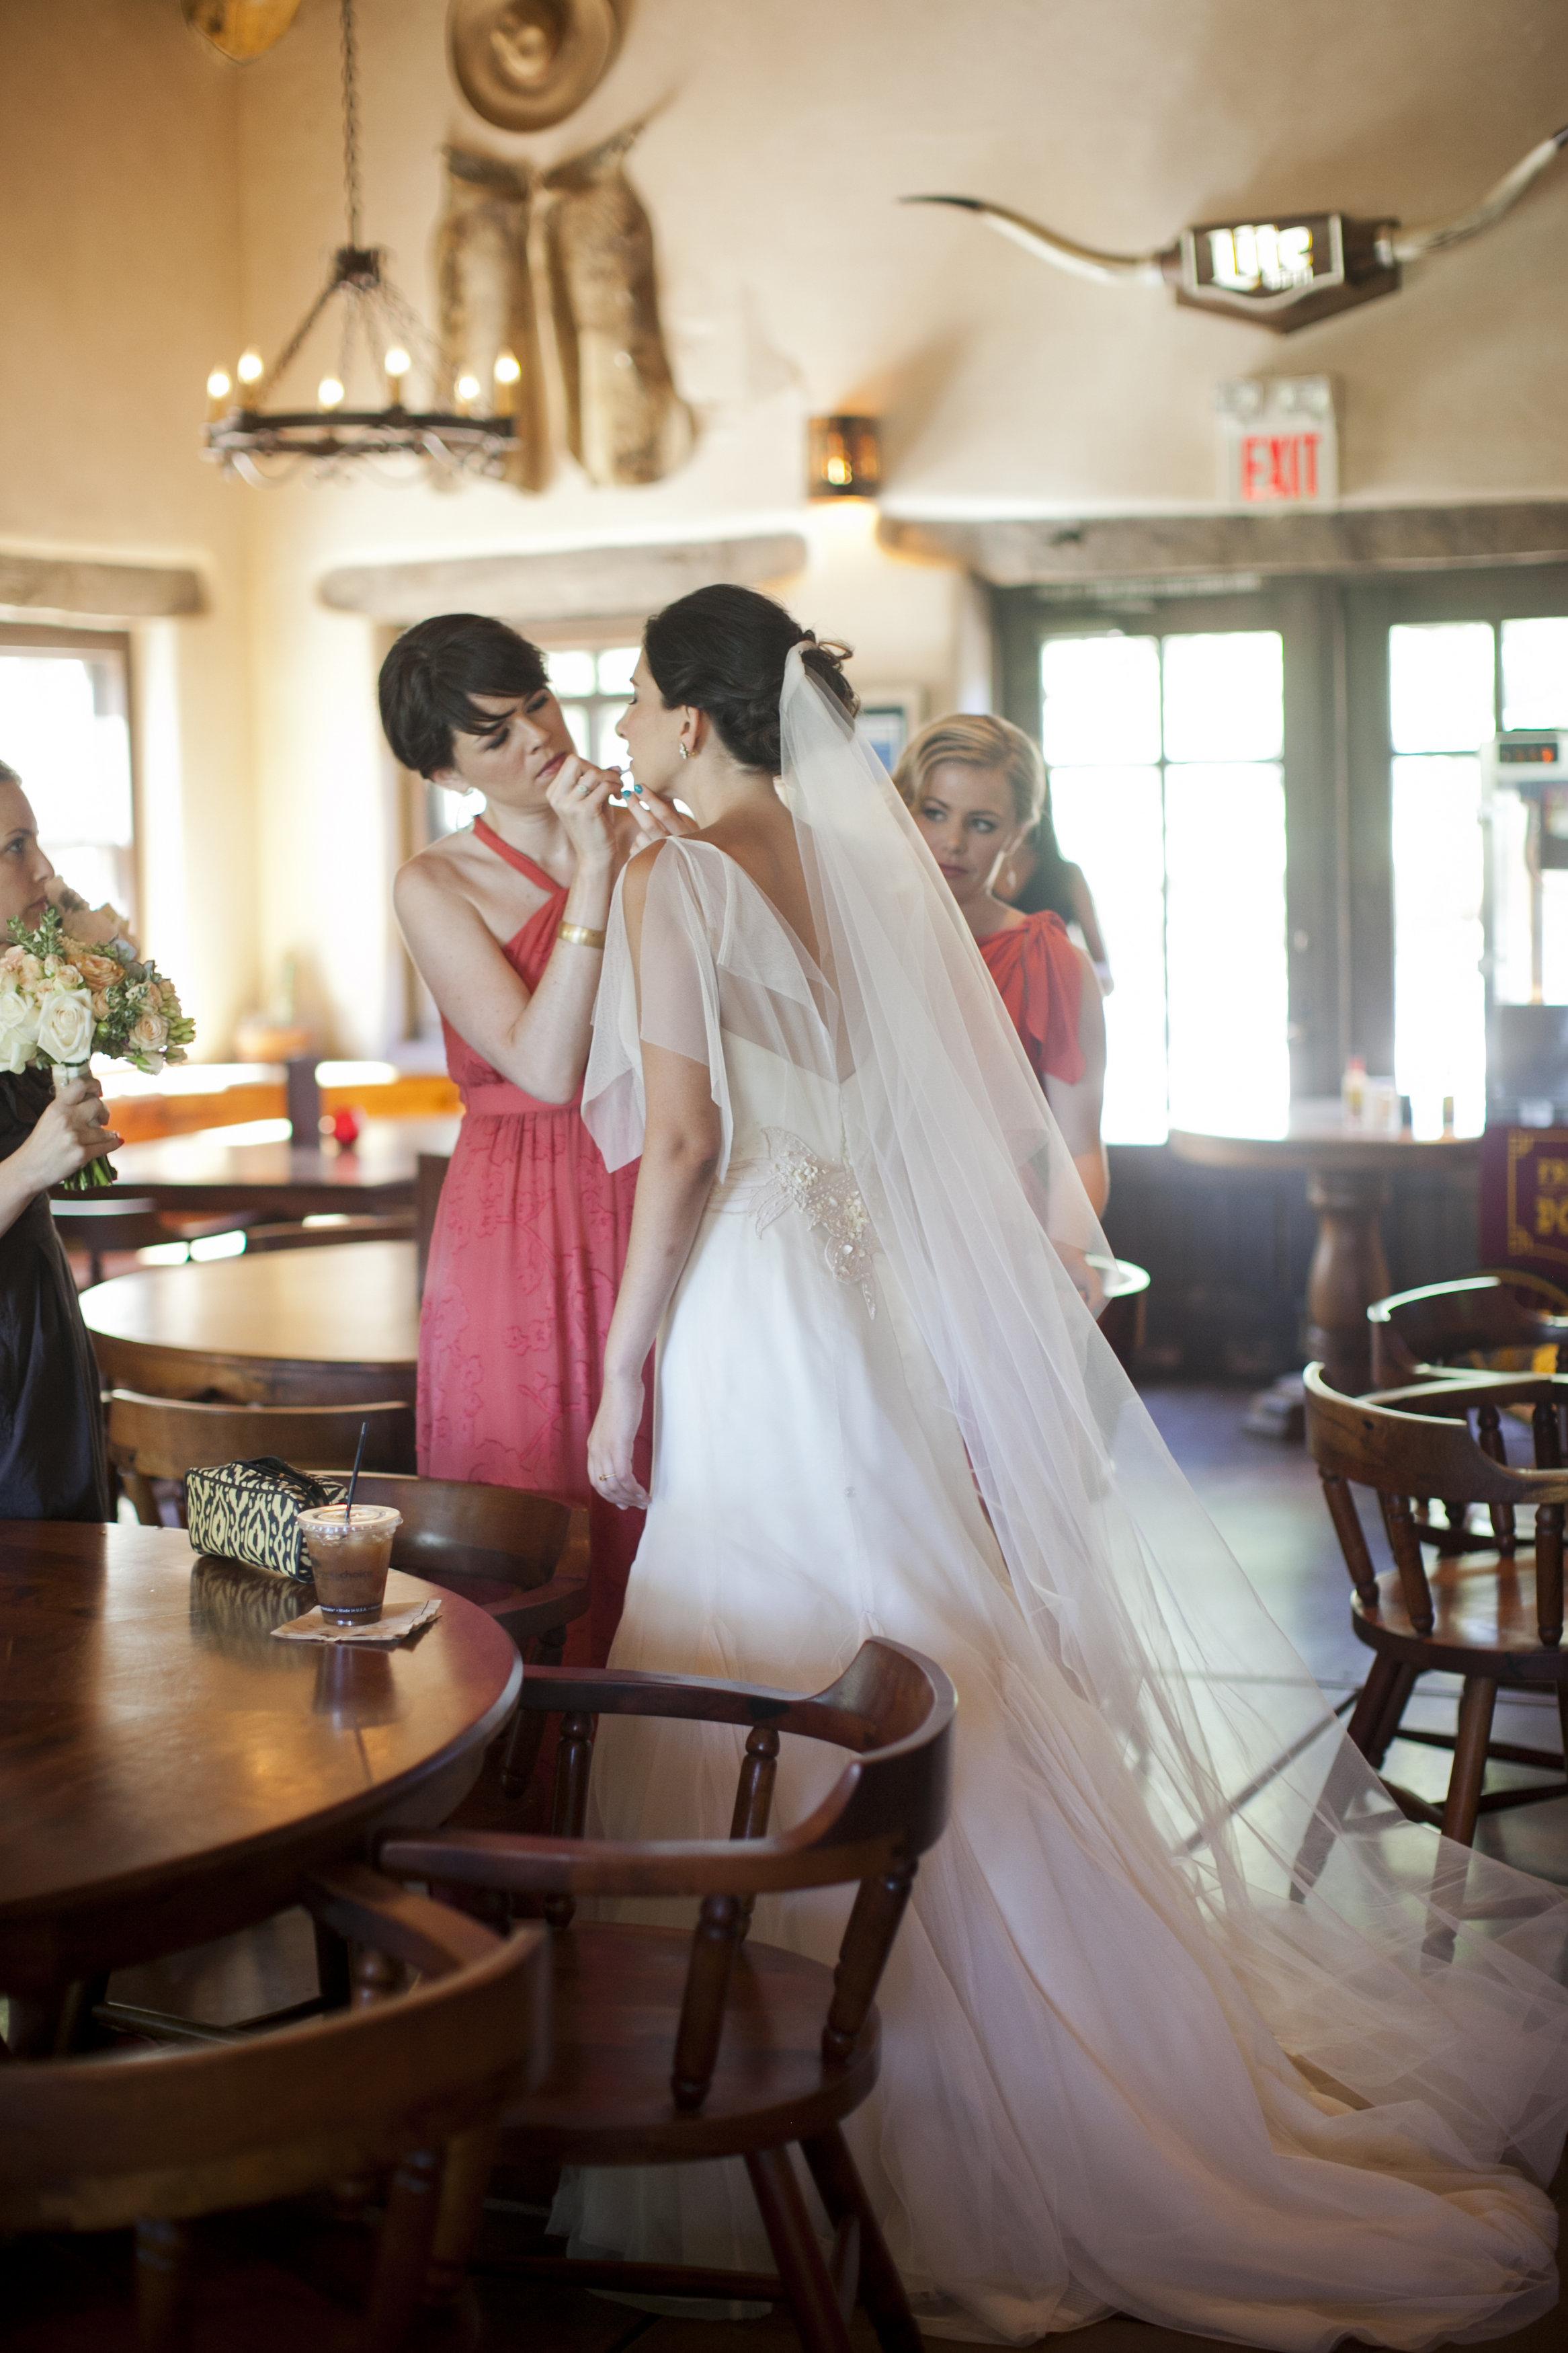 Ceci_New_York_Ceci_Style_Ceci_Johnson_Luxury_Lifestyle_Arizona_Wedding_Watercolor_Inspiration_Design_Custom_Couture_Personalized_Invitations_63.jpg